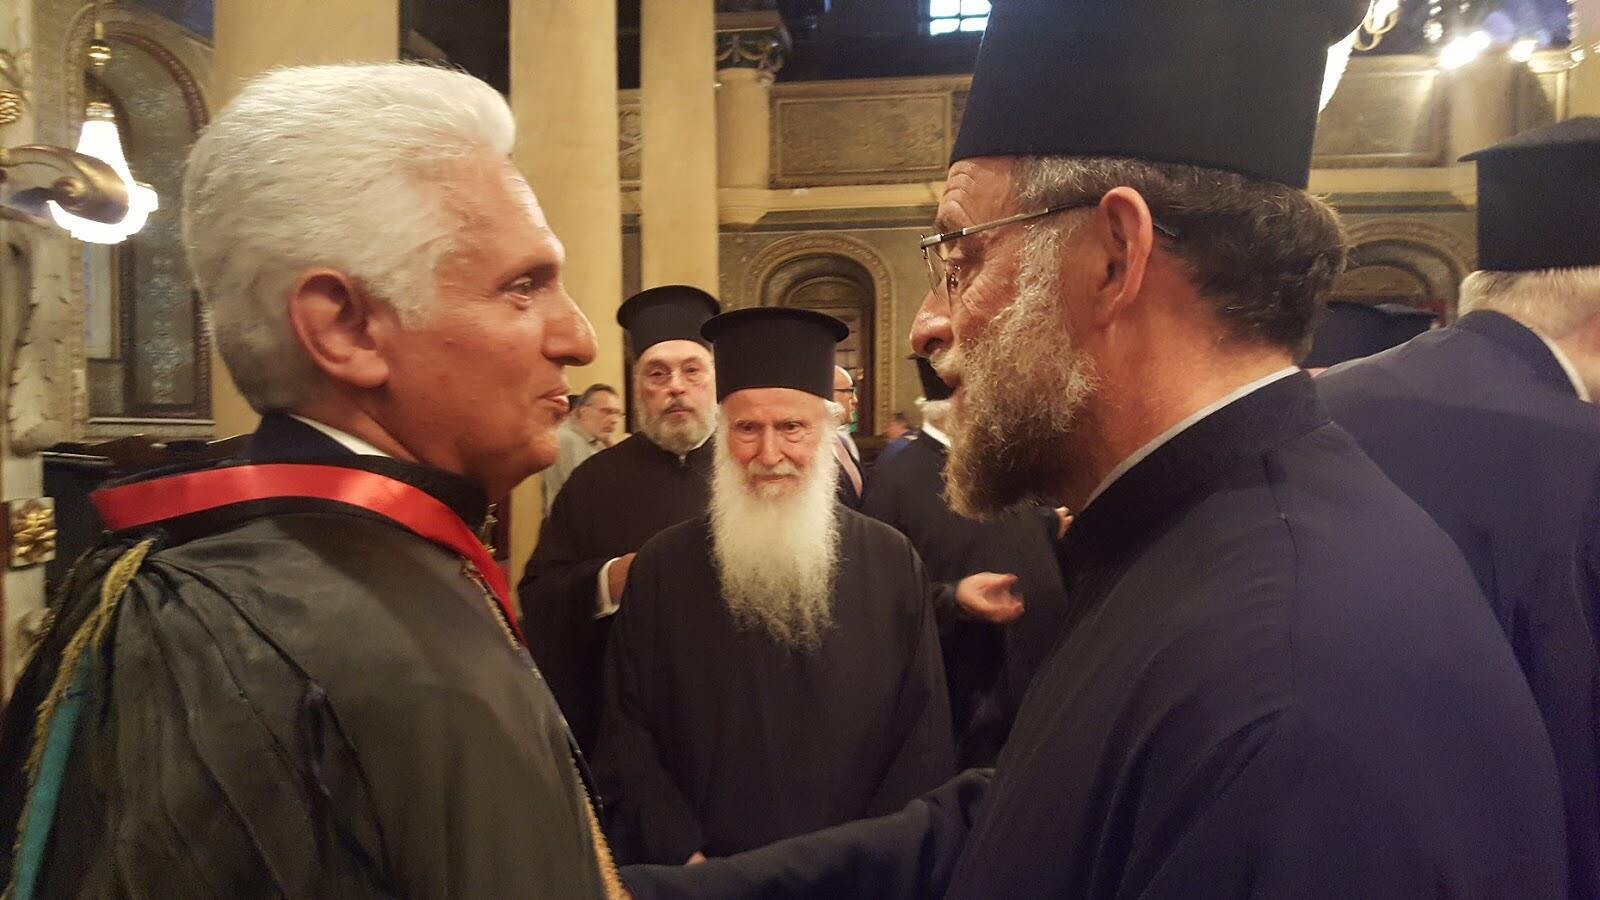 Οικουμενικό Πατριαρχείο: Το οφφίκιο του Άρχοντος Νομοφύλακα απένειμε ο Πατριάρχης στον Γεώργιο Βλατάκη